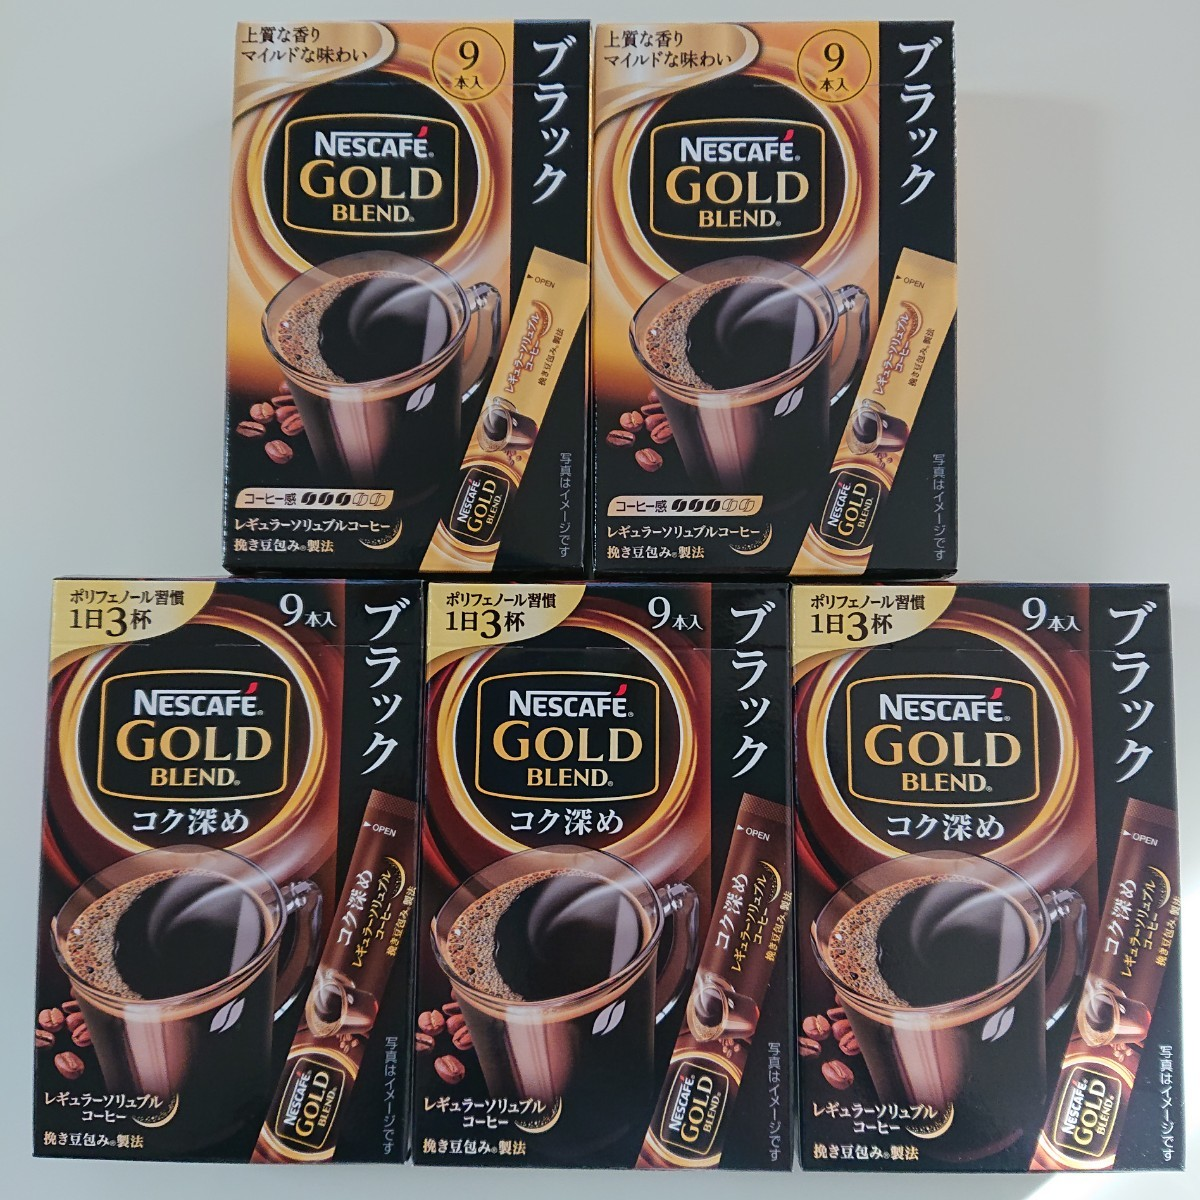 ネスレ ネスカフェ ゴールドブレンドブラック スティックコーヒー 2種